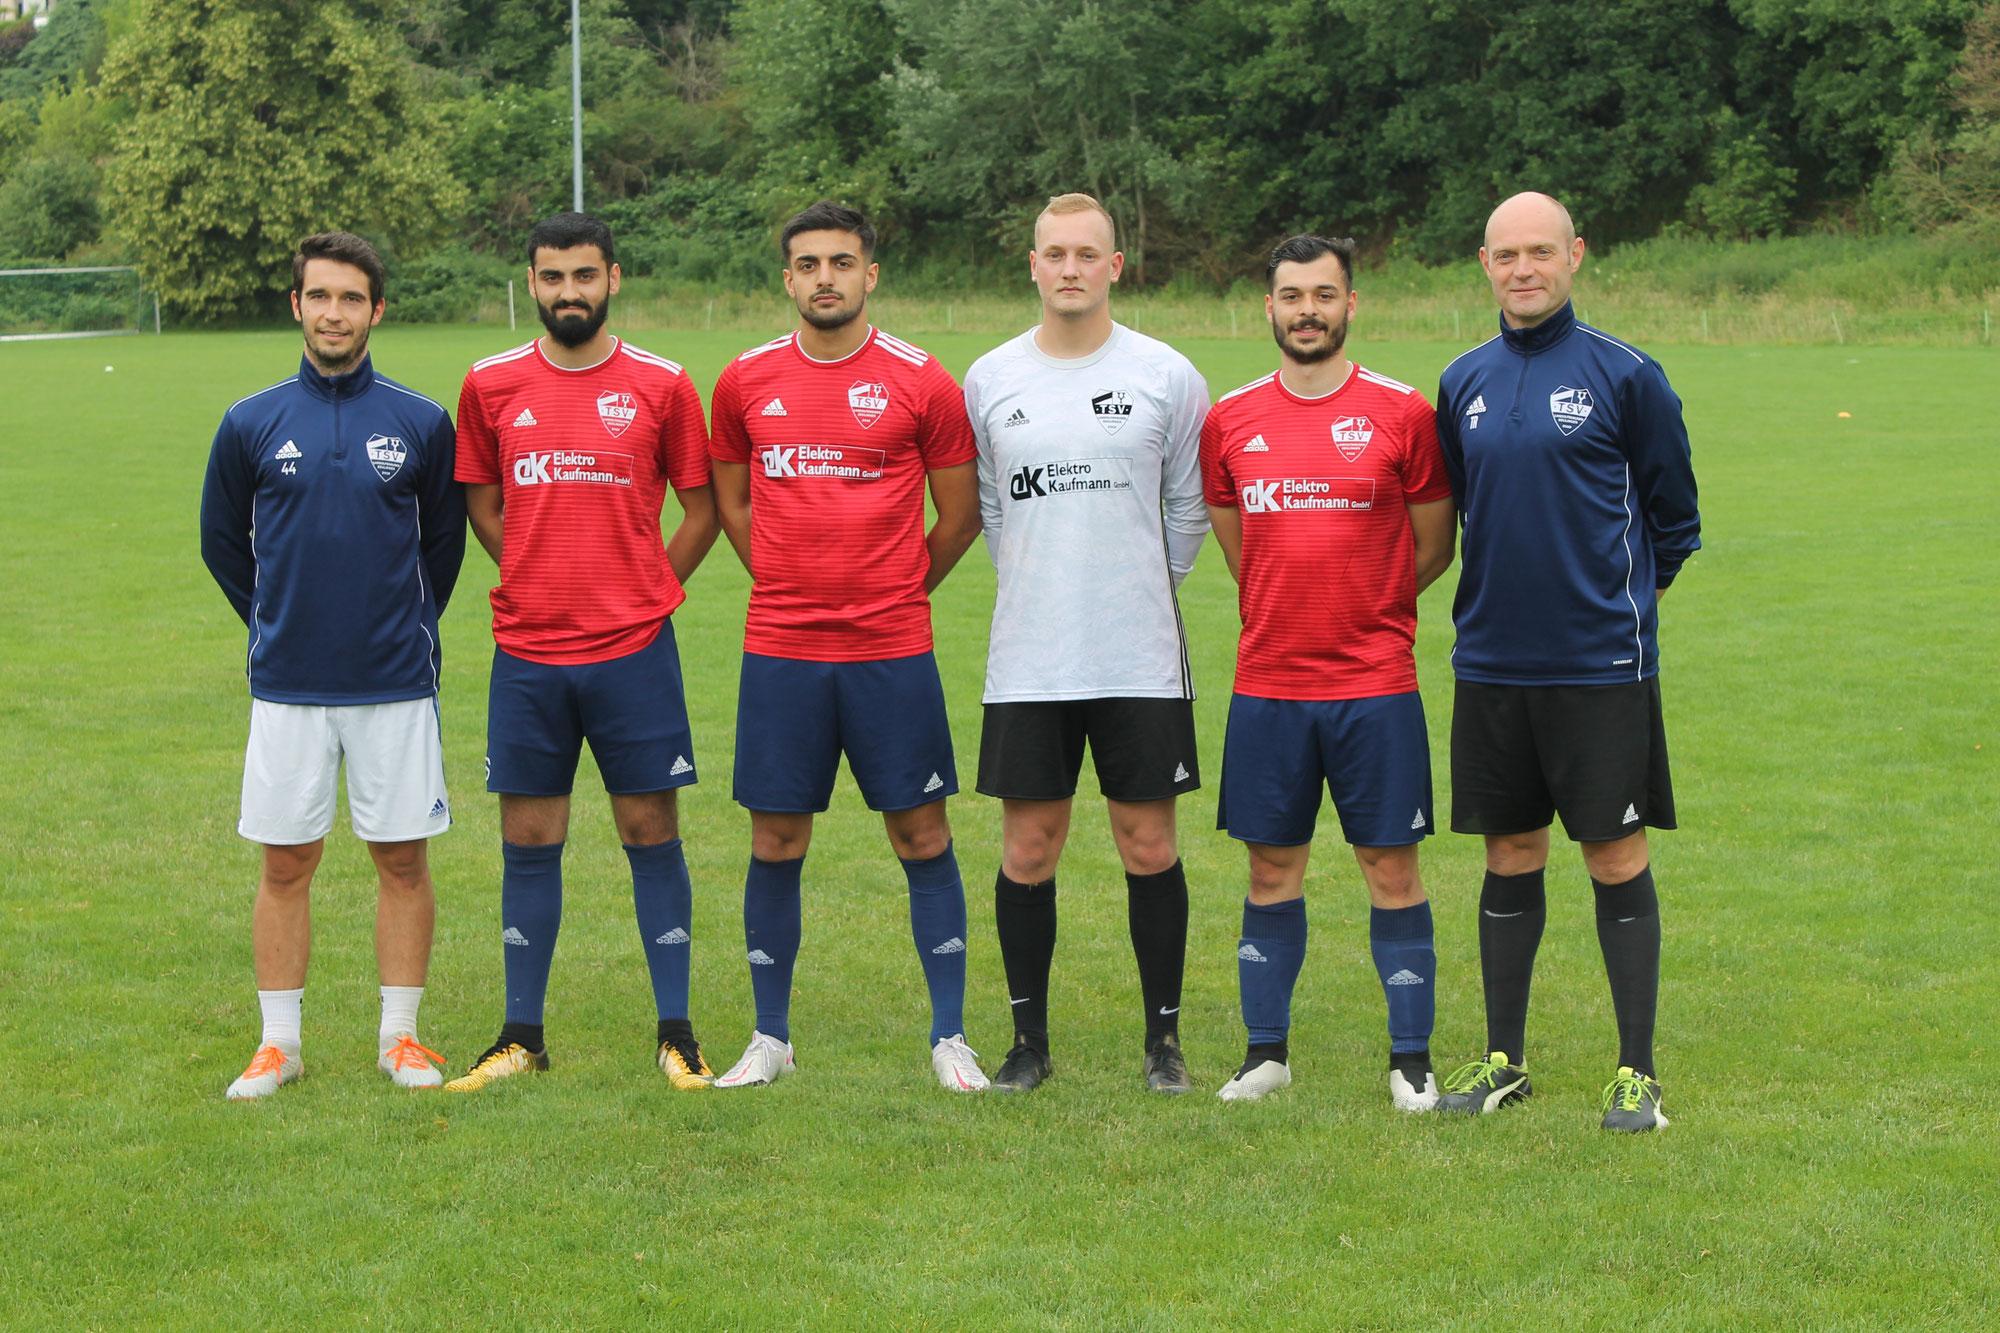 Herzlich willkommen beim TSV - Landesligavertretung stellt Neuzugänge vor